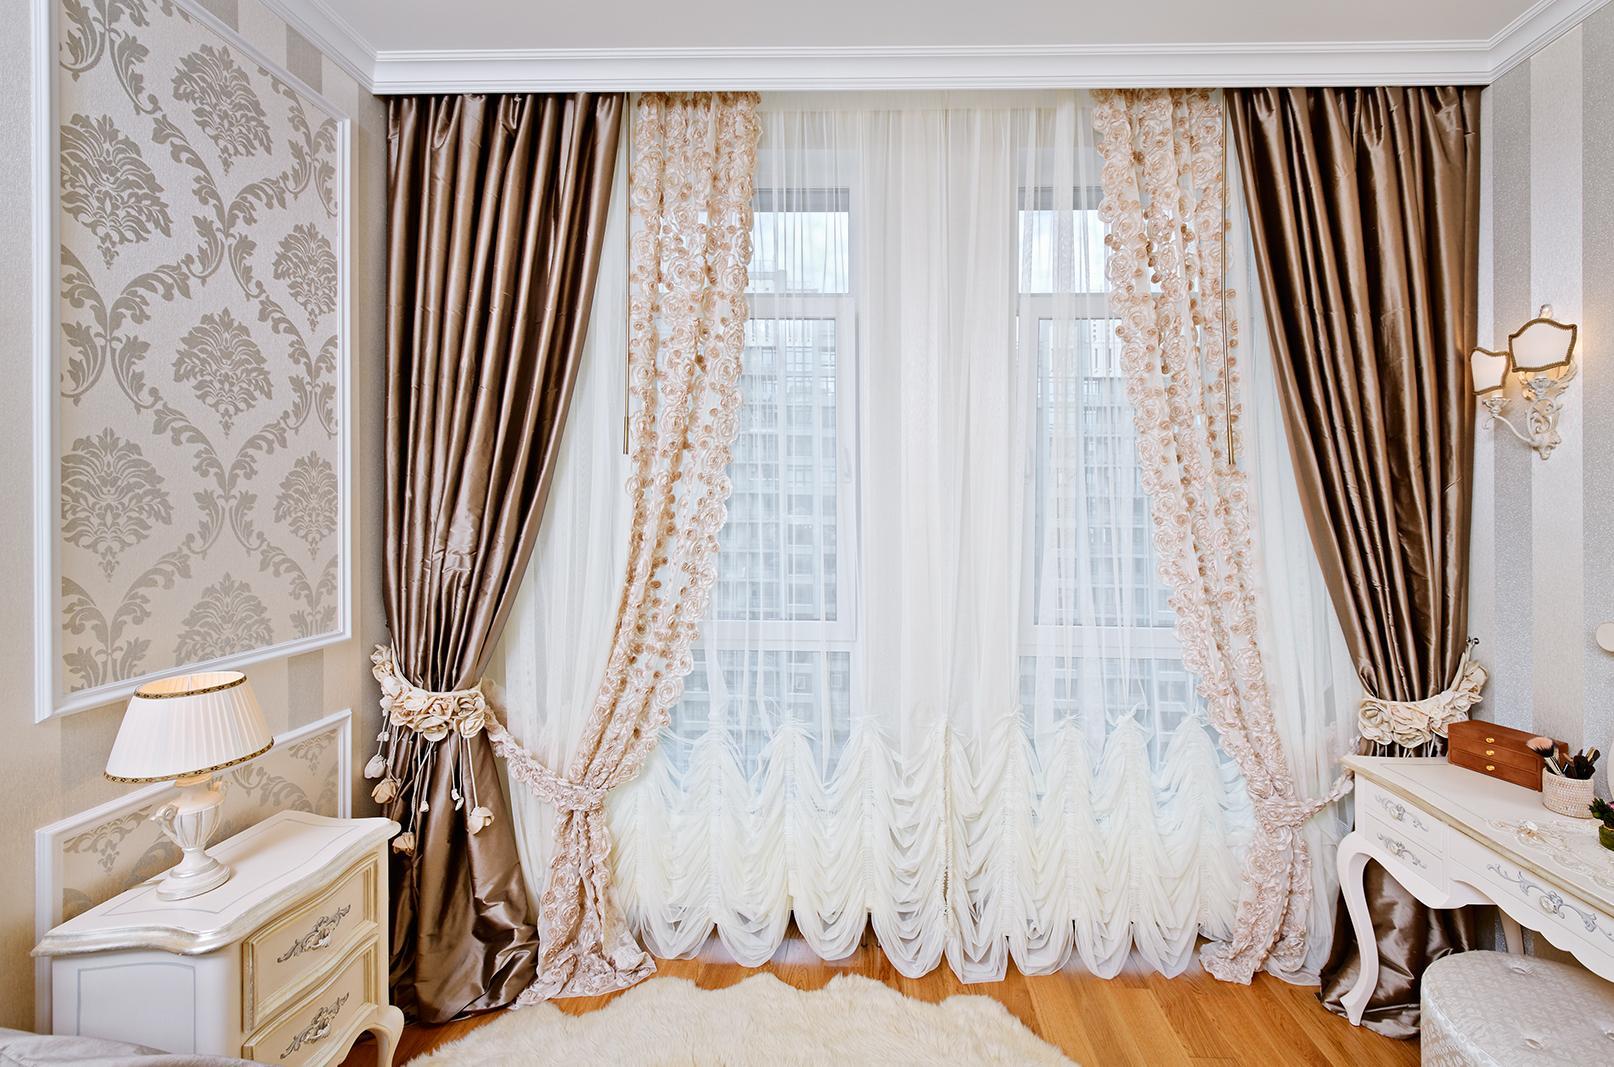 Тюль с вышивкой и атласные шторы в интерьере спальни